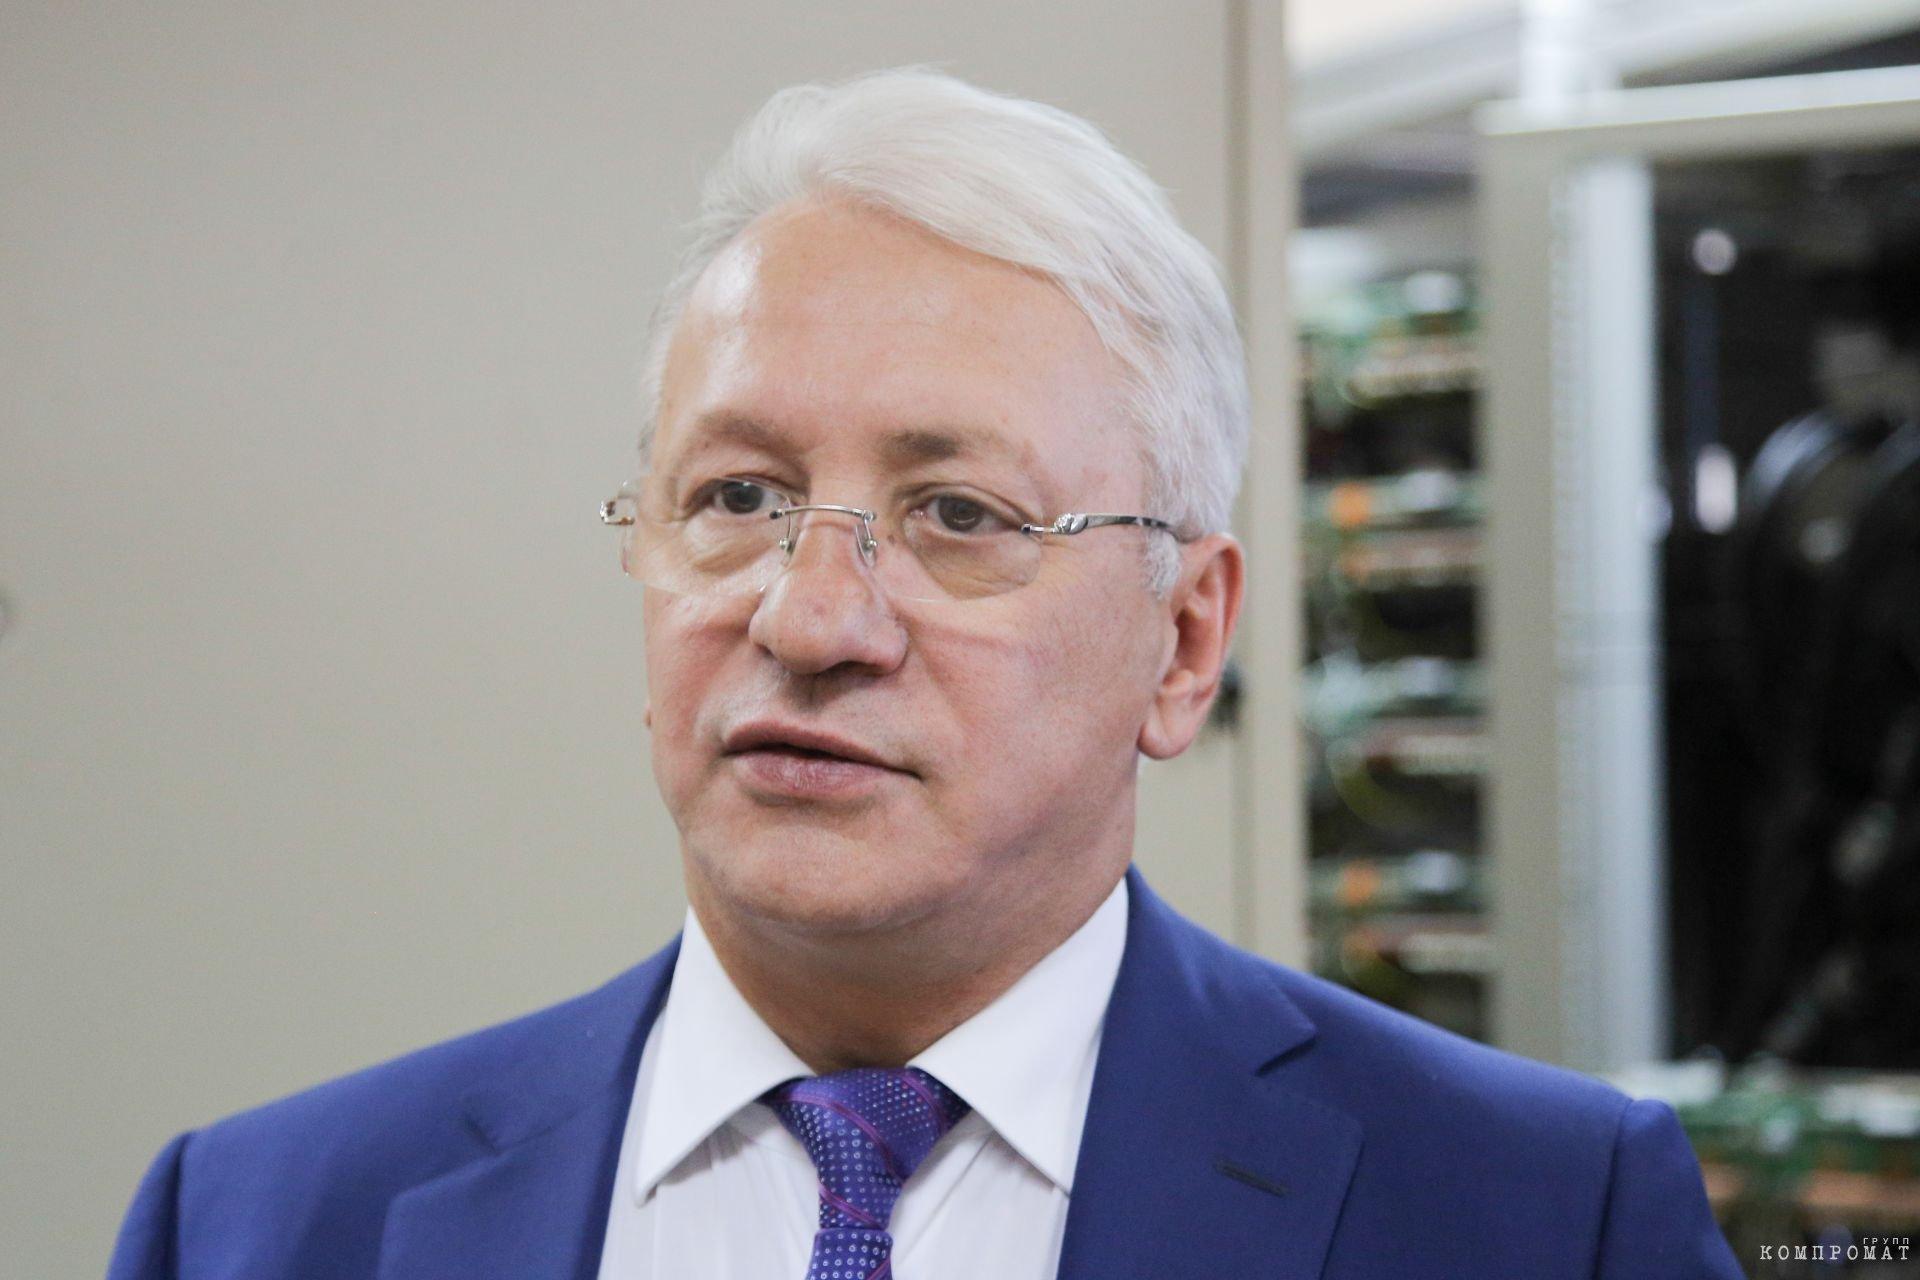 Николай Александрович Колесов: сколько украл одиозный чиновник?